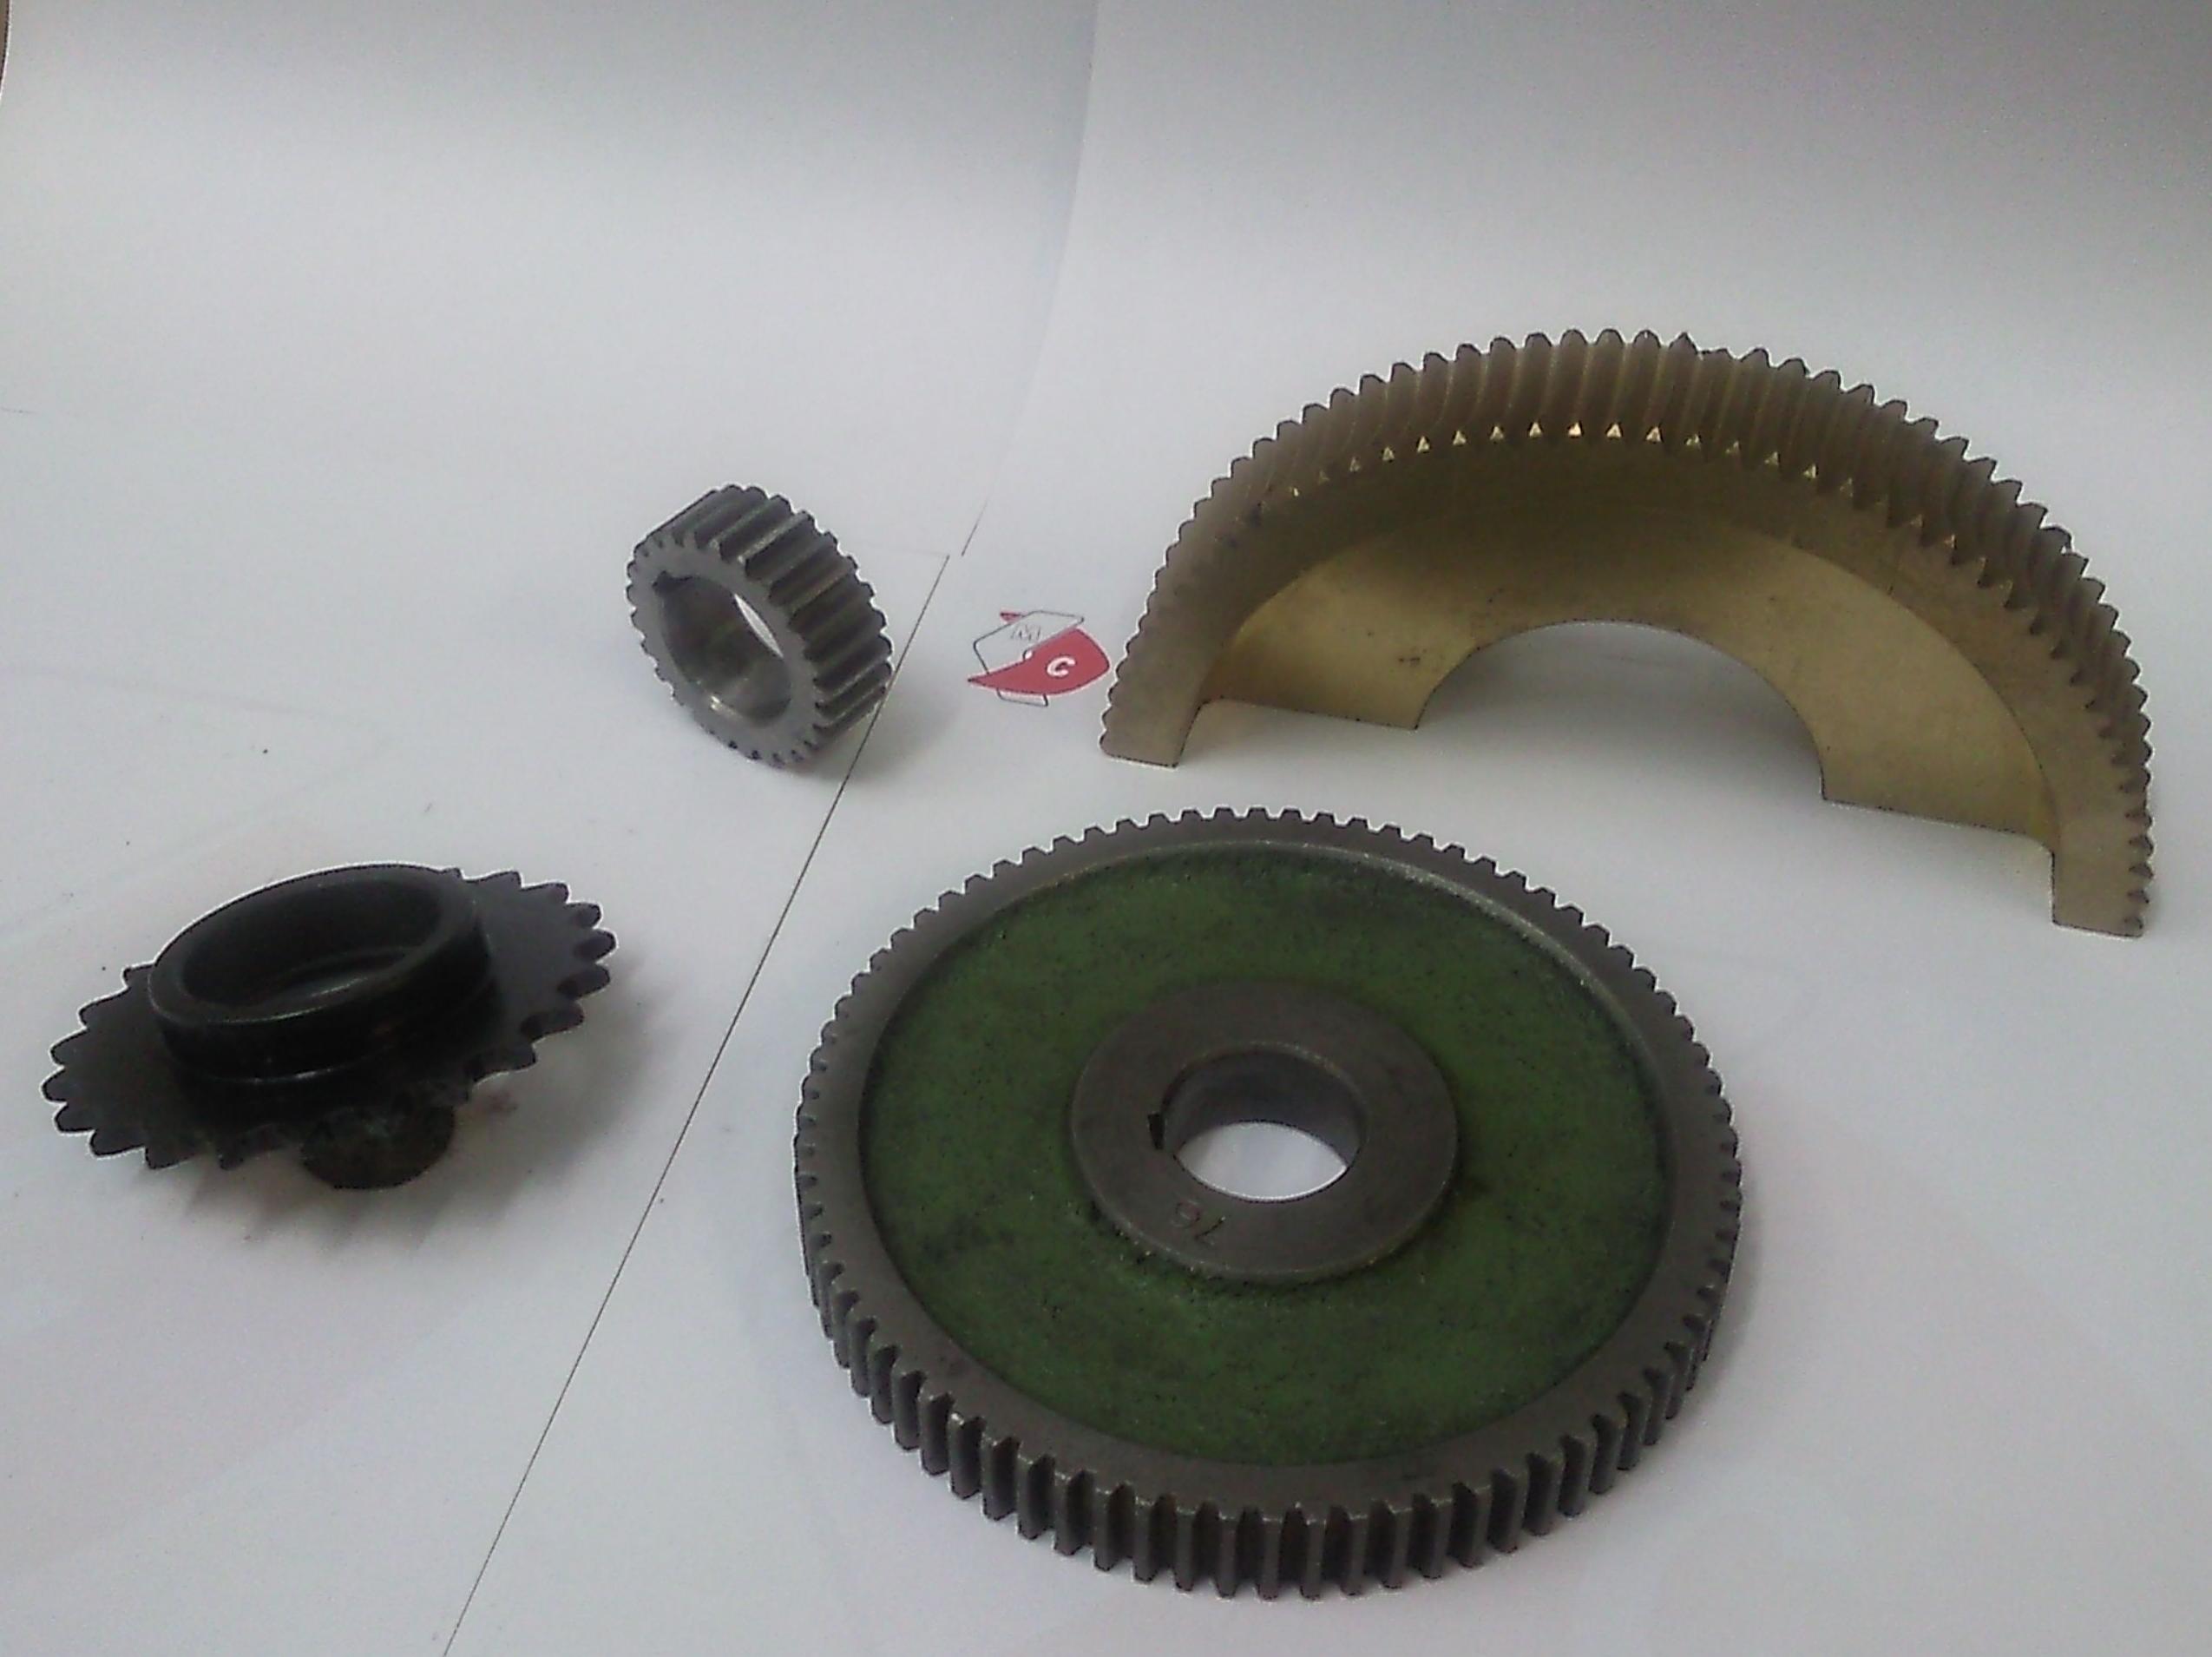 Piñones de todos los materiales: hierro, acero inoxidable, metal, plástico, etc.